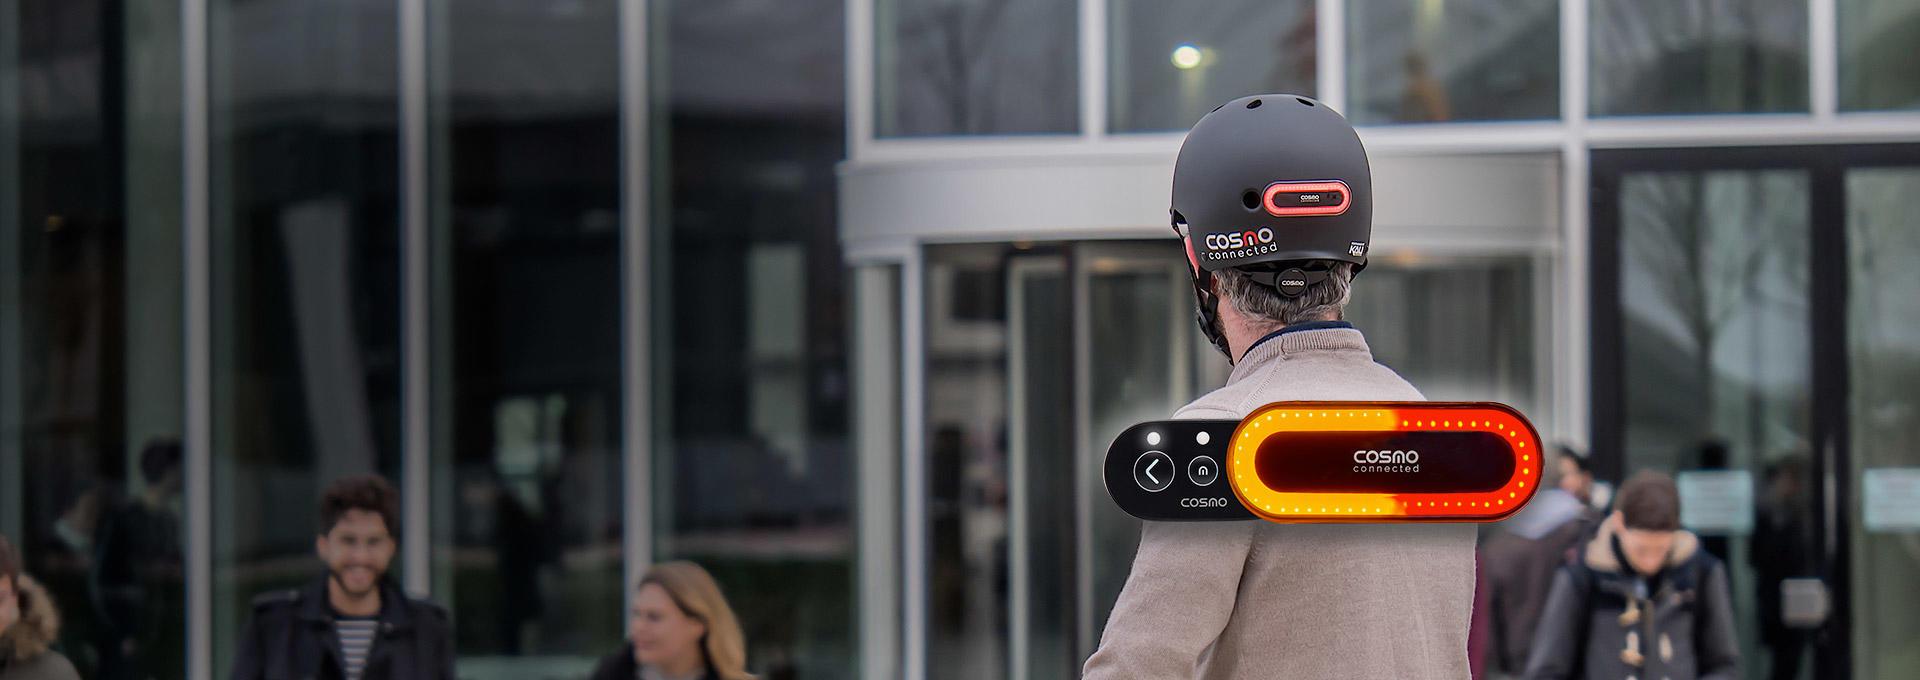 eclairage vélo trottinette cosmo